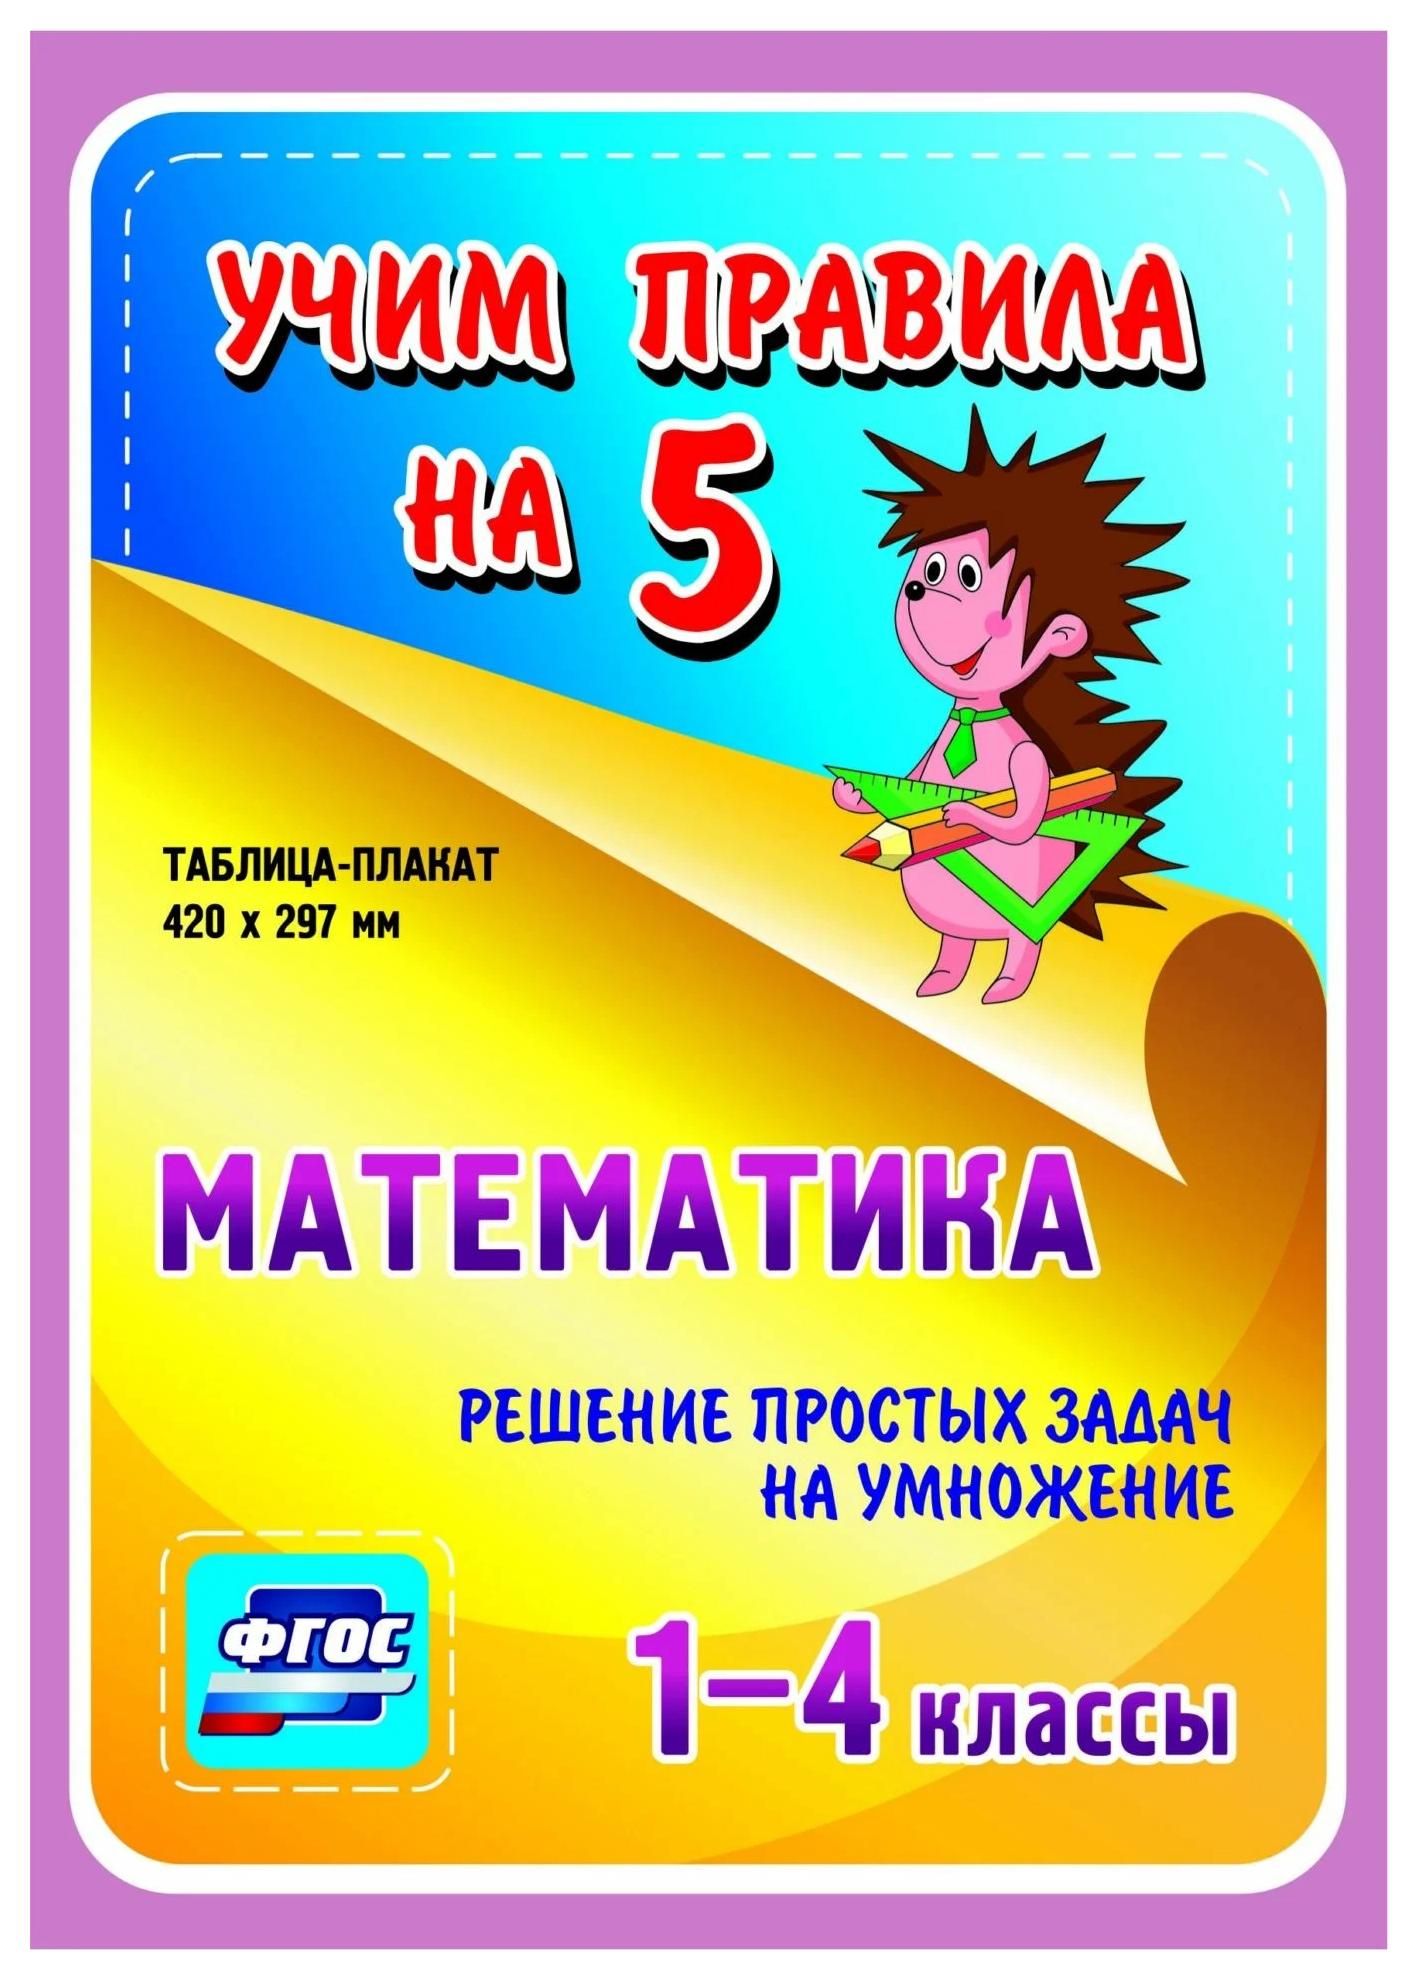 Математика. Решение простых задач на умножение. 1-4 классы.: Таблица-плакат 420х297